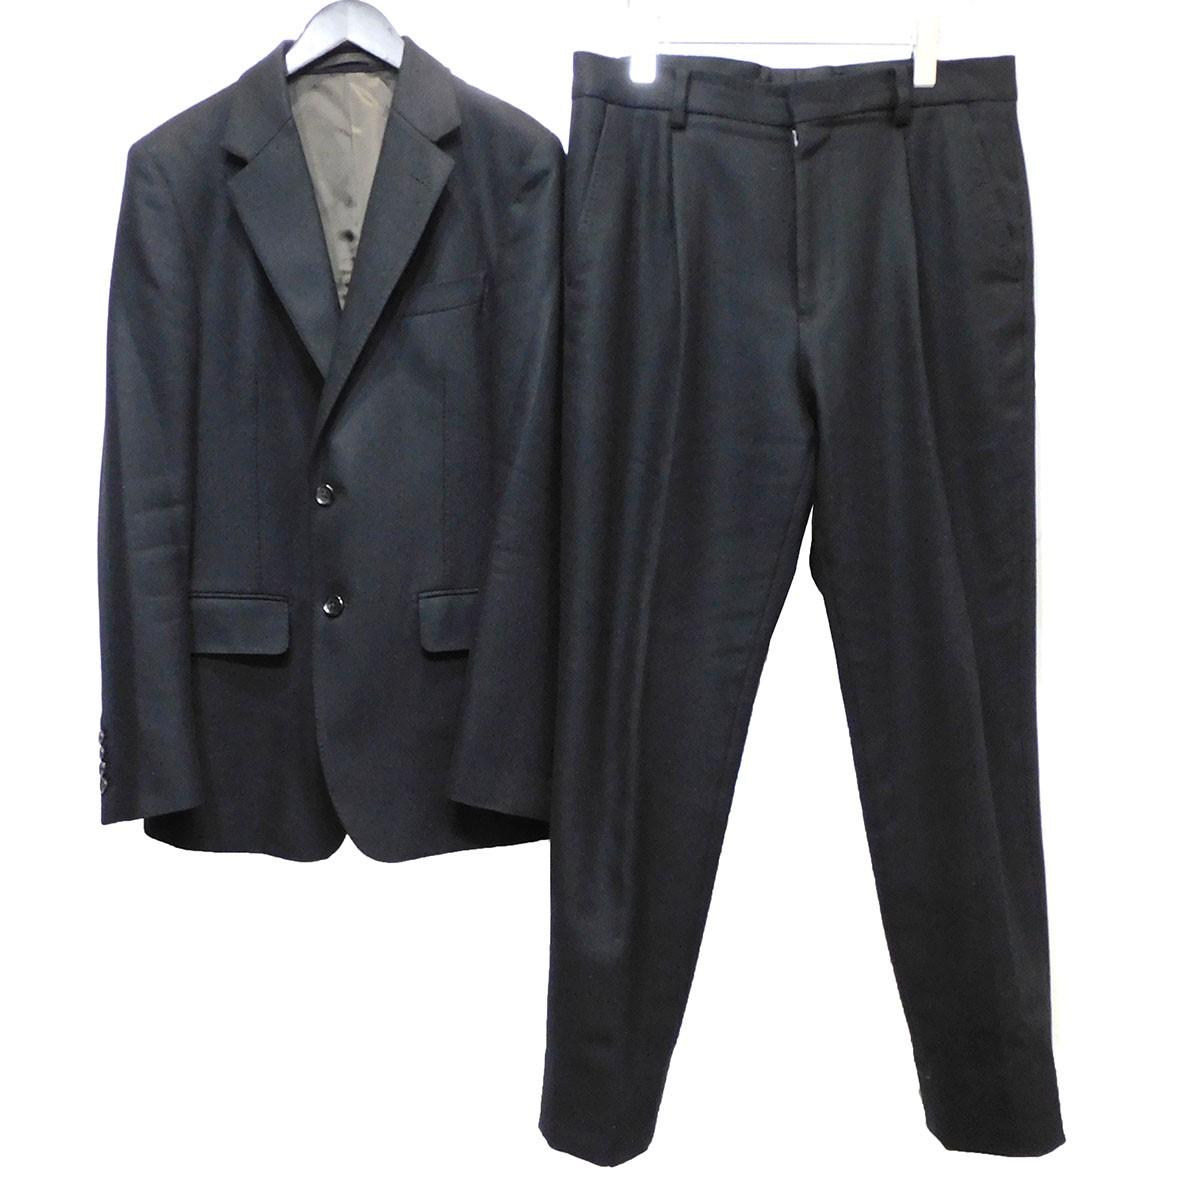 【中古】WACKO MARIA 19AW DORMEUIL社製 セットアップスーツ ブラック サイズ:L 【030420】(ワコマリア)